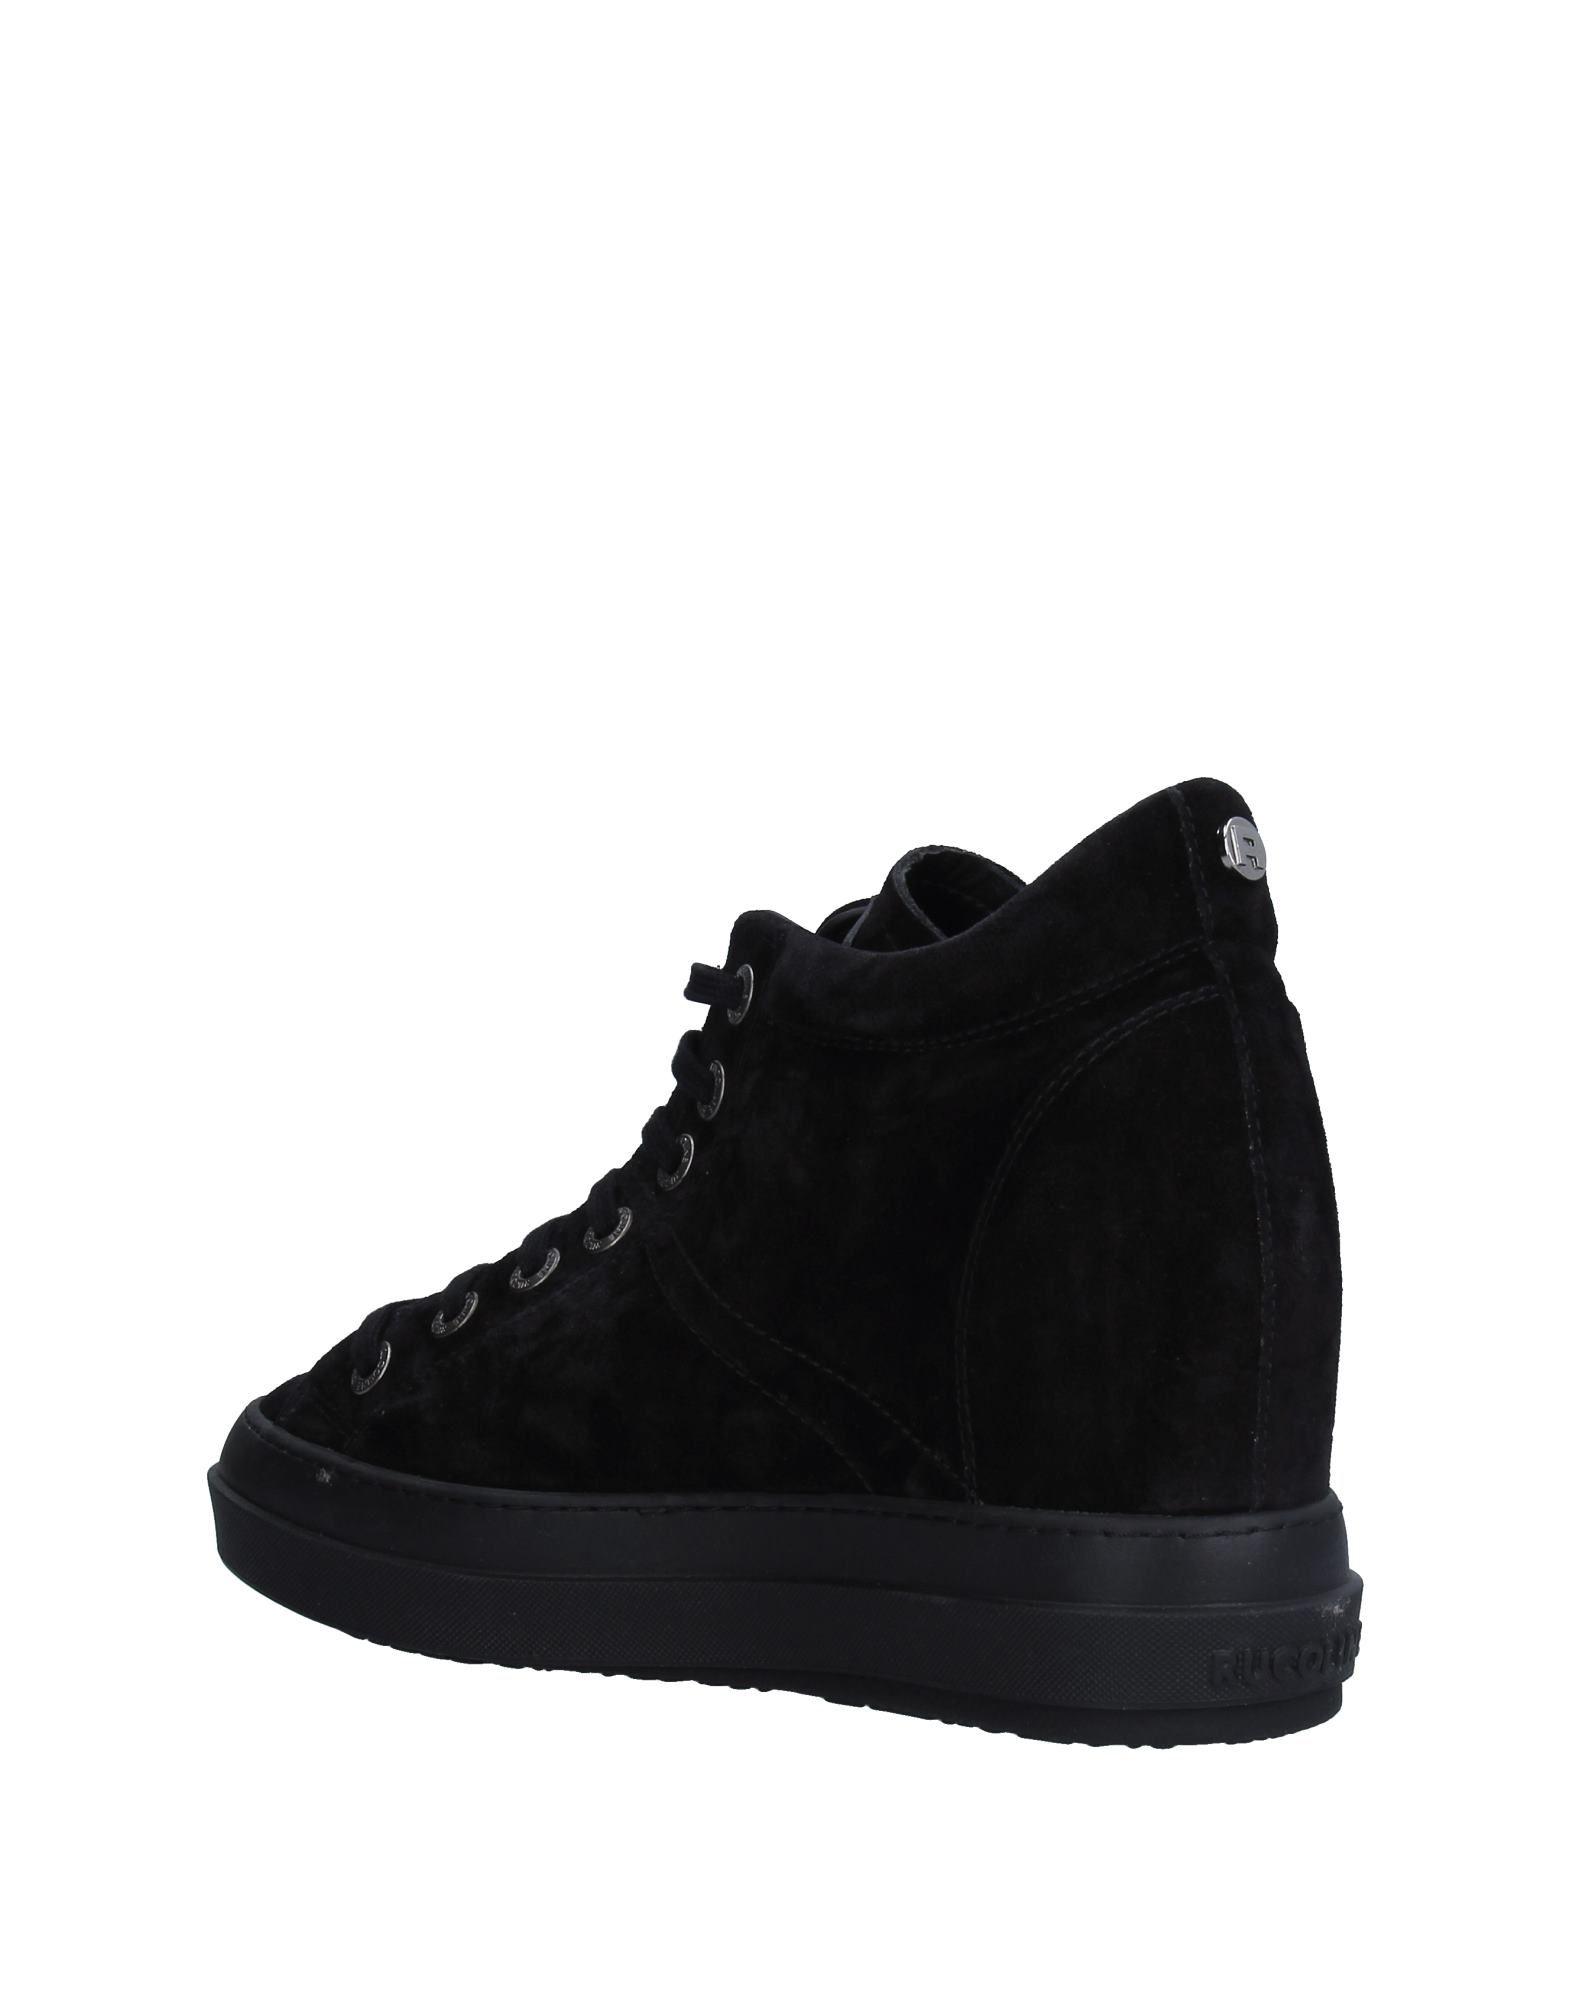 Ruco Line Sneakers Damen Gutes es Preis-Leistungs-Verhältnis, es Gutes lohnt sich c607b0